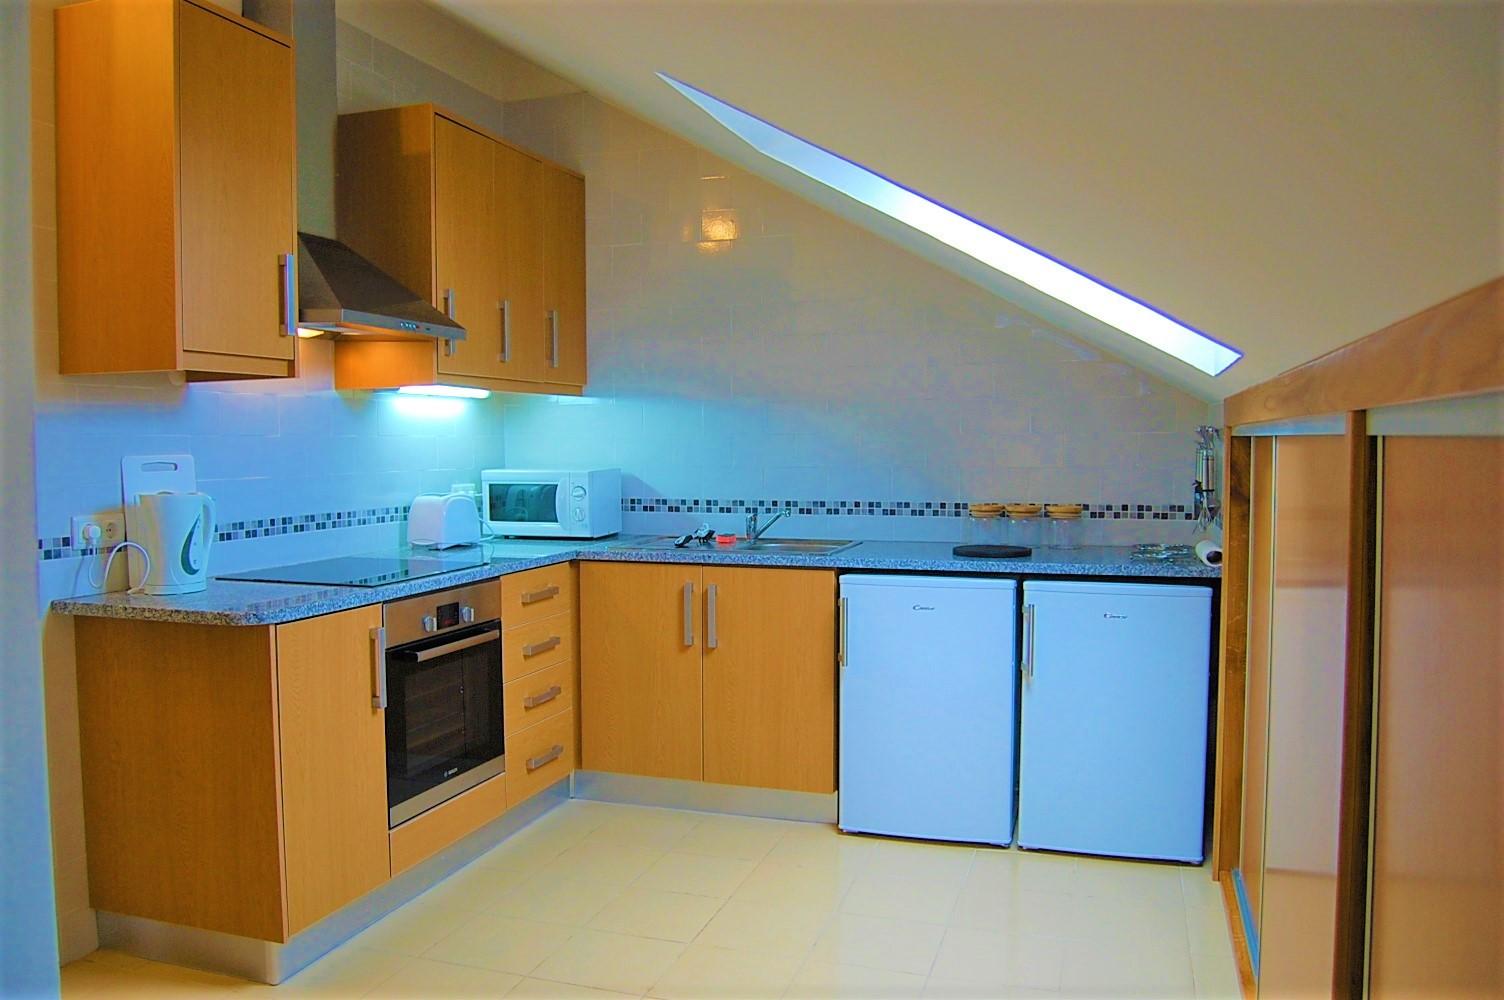 Cozinha/ Kitchen